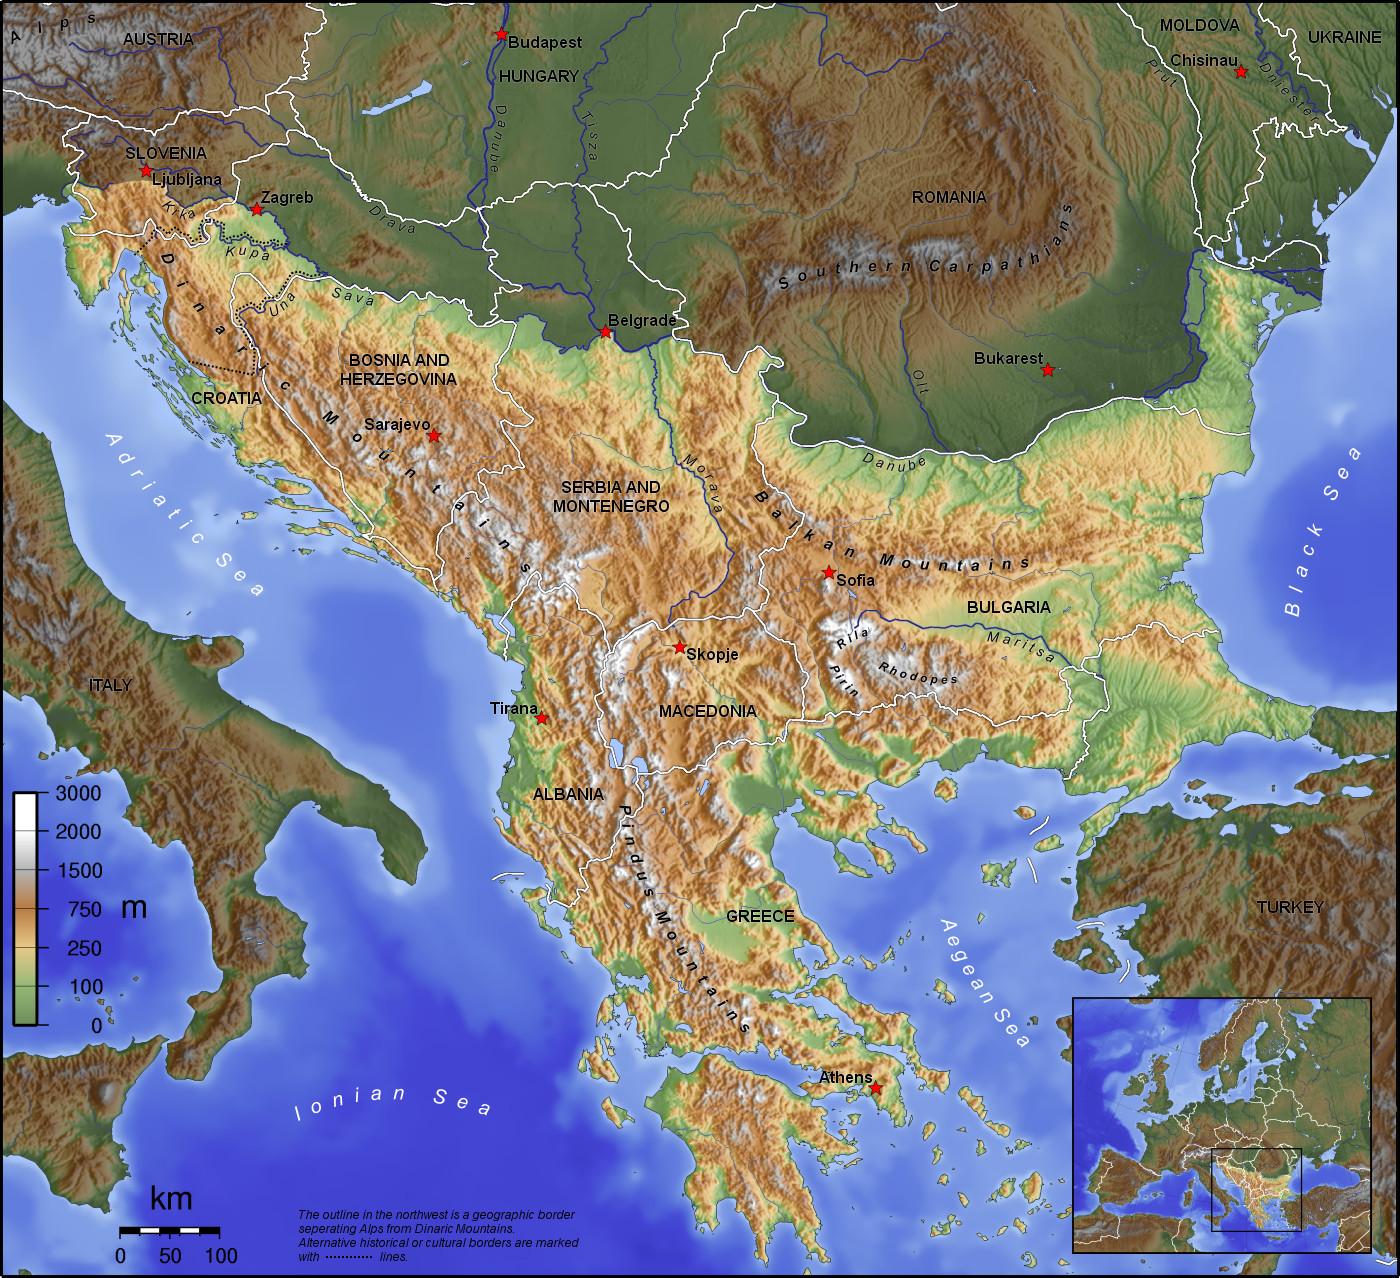 Mapa físico de los Balcanes 2006